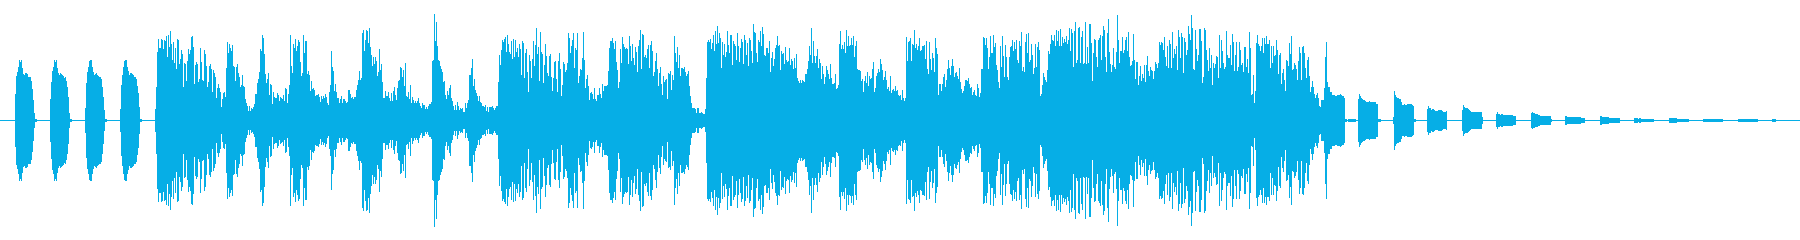 スイープビーツ2の再生済みの波形